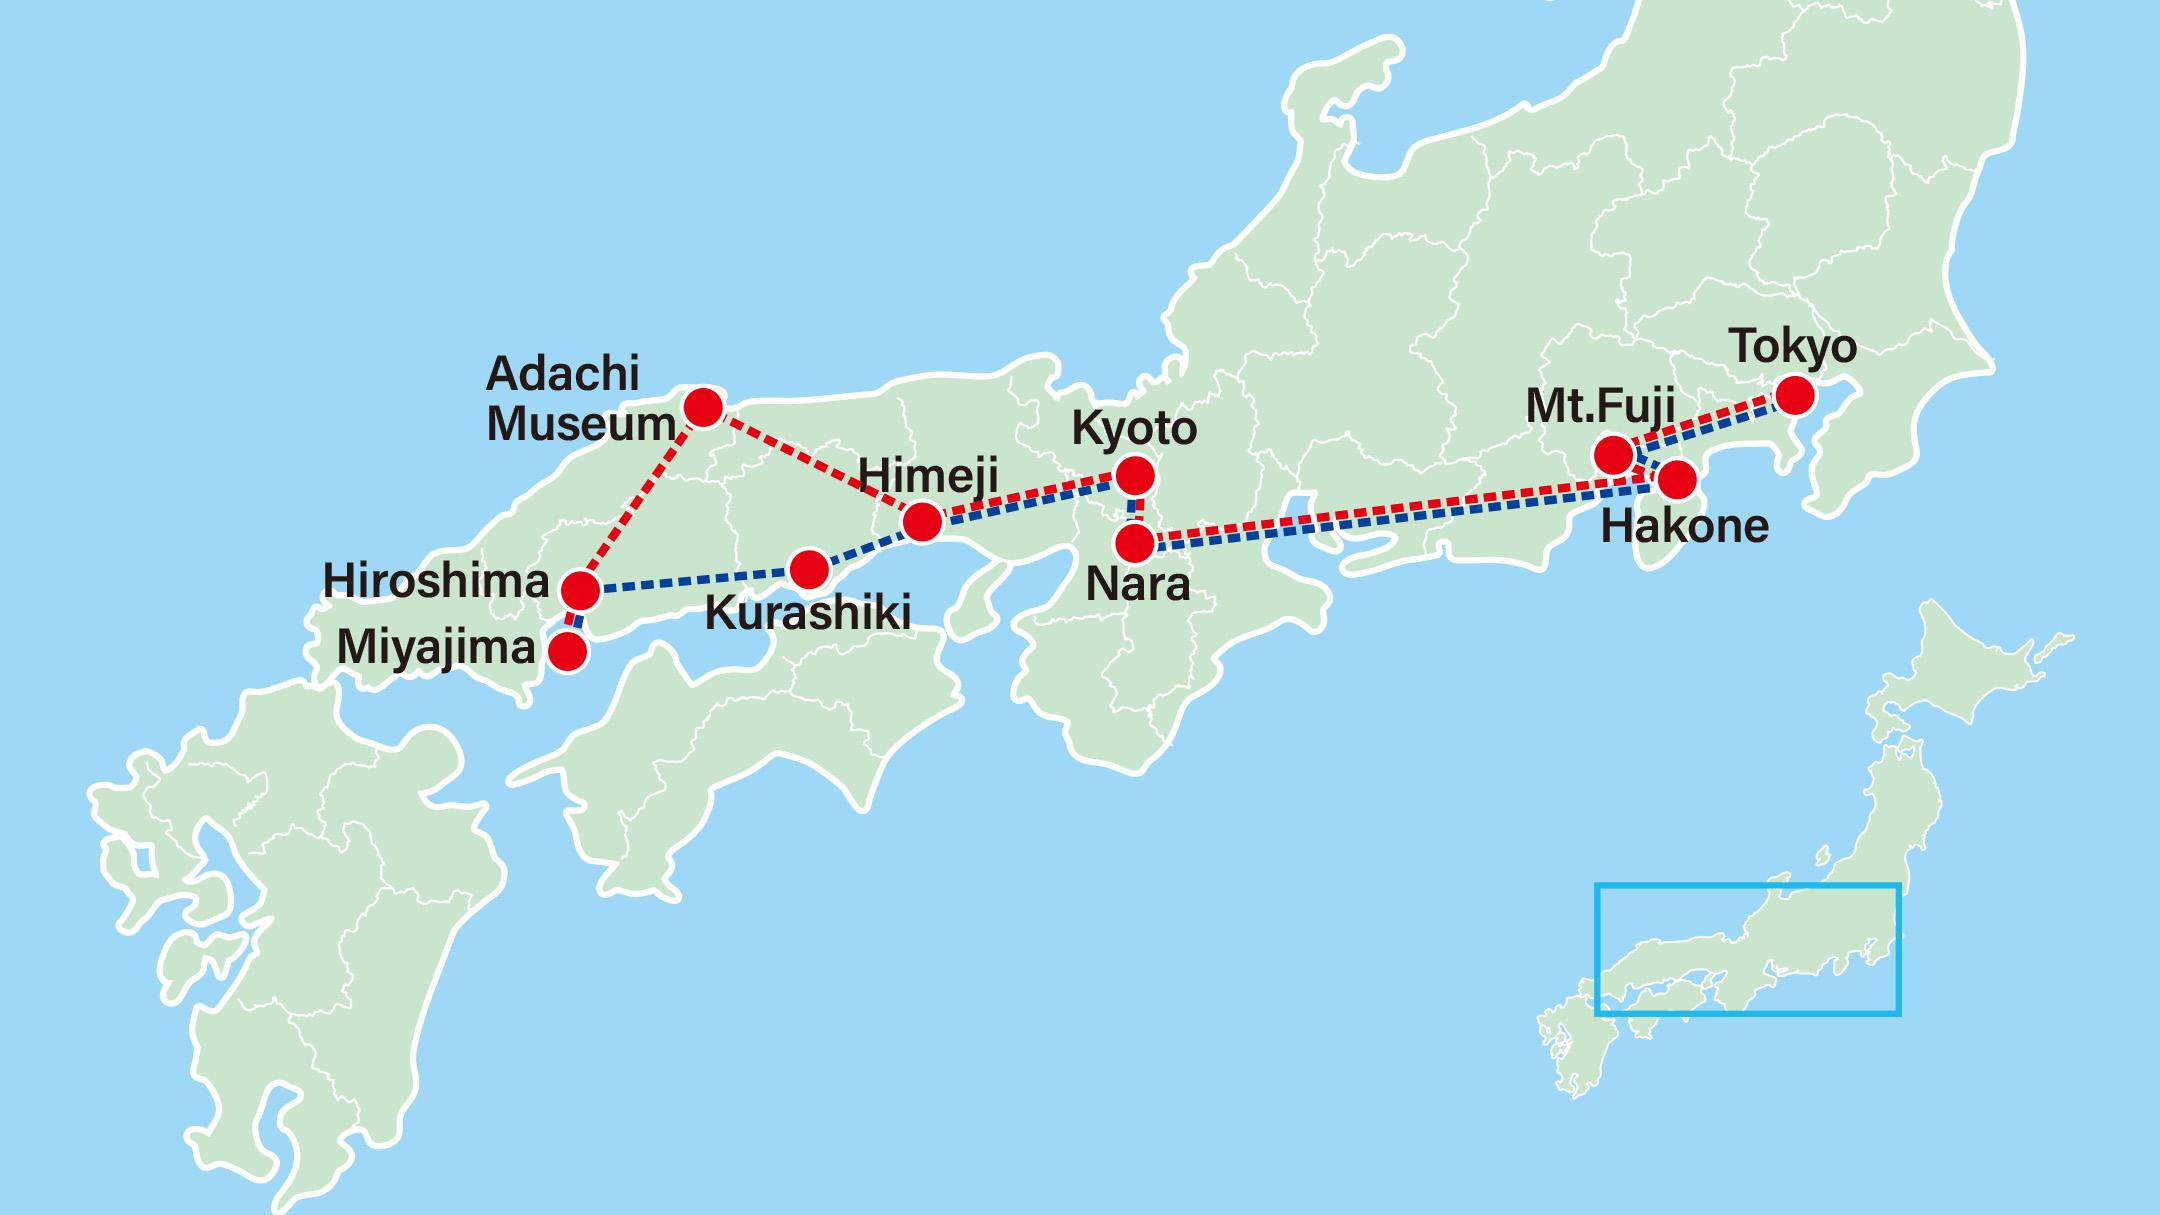 Kyoto Gion Festival | Hiroshima & Anime-Tokyo-Hakone-Kyoto-Nara-Himeji-Kurashiki-Hiroshima-Miyajima